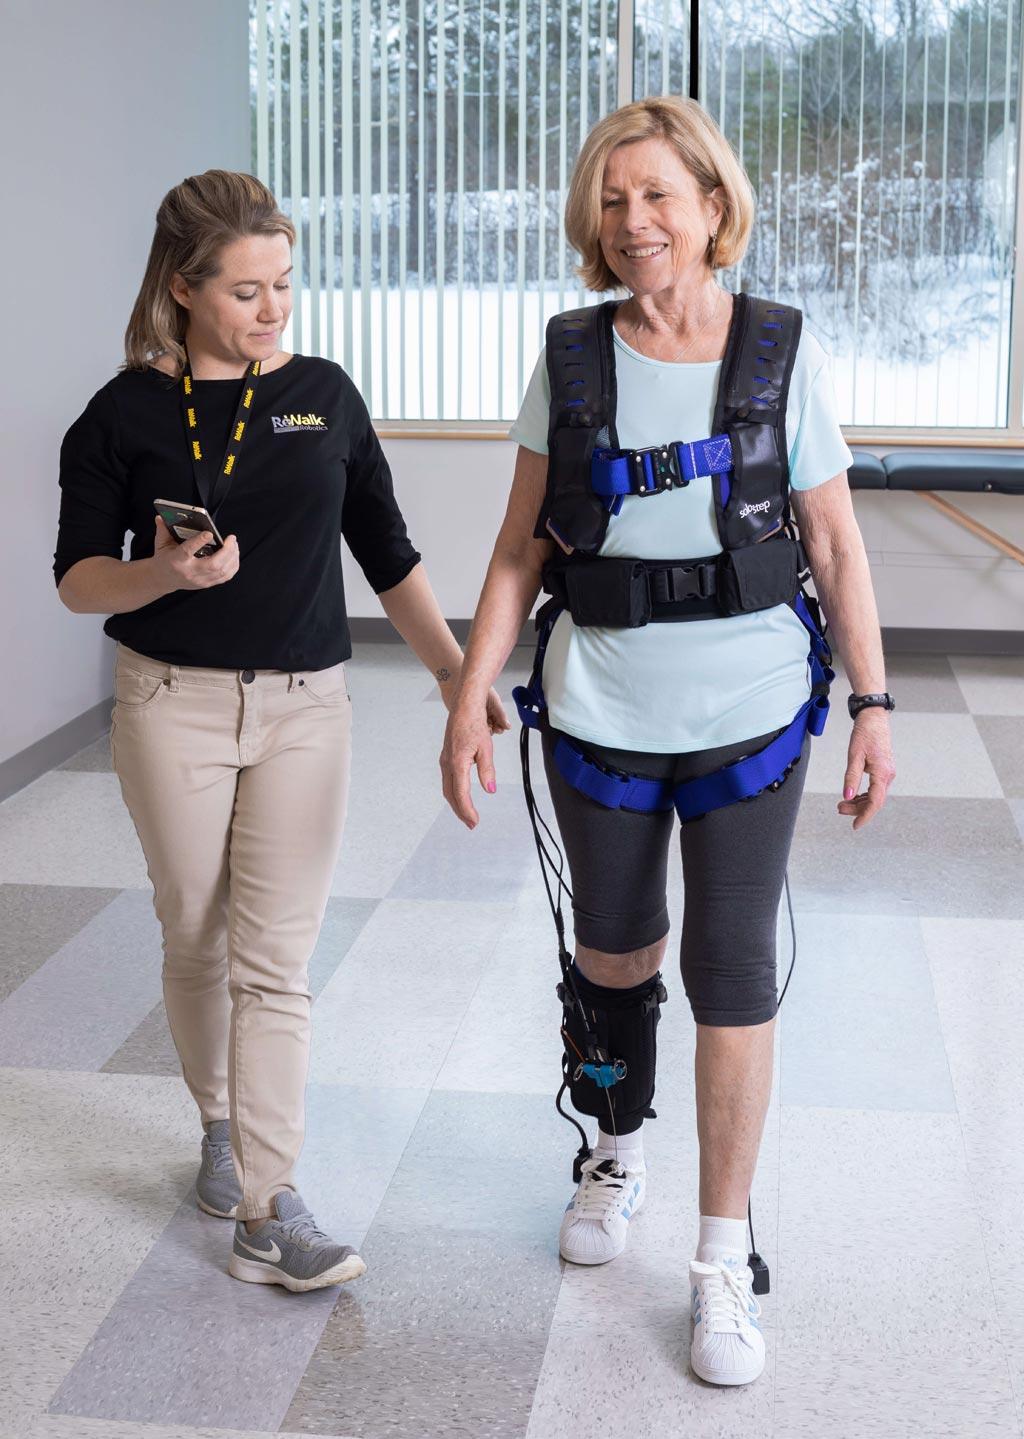 Устройство для тренировки походки помогает реабилитации пациента после перенесенного инсульта (фото любезно предоставлено ReWalk).